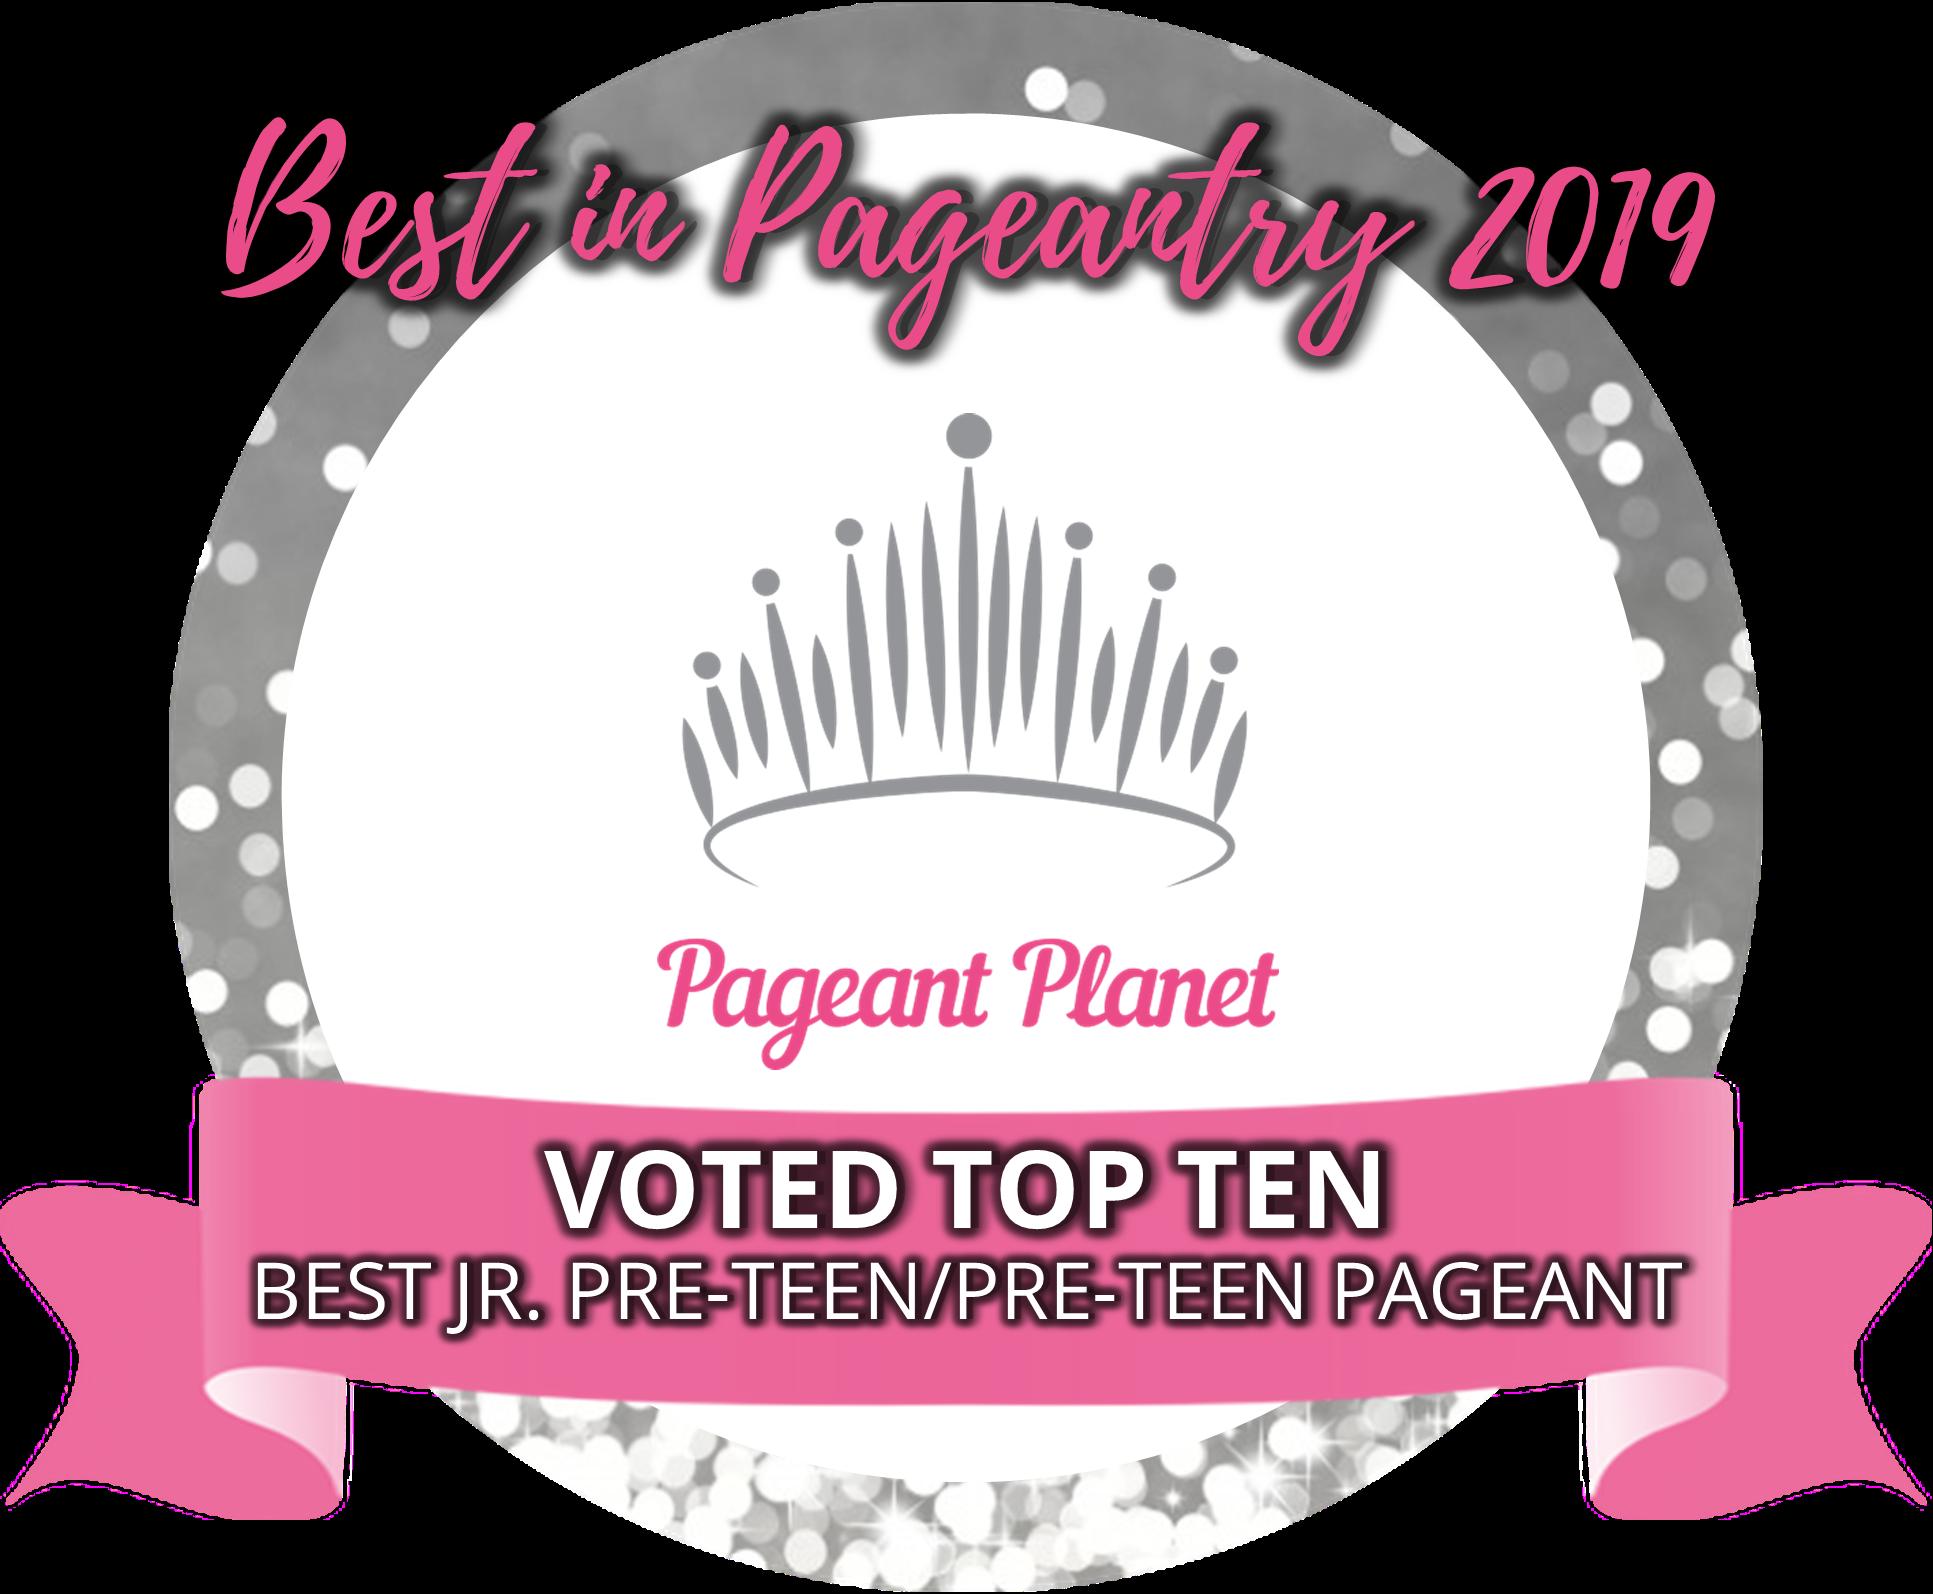 Top 10 Preteen Pageants of 2019